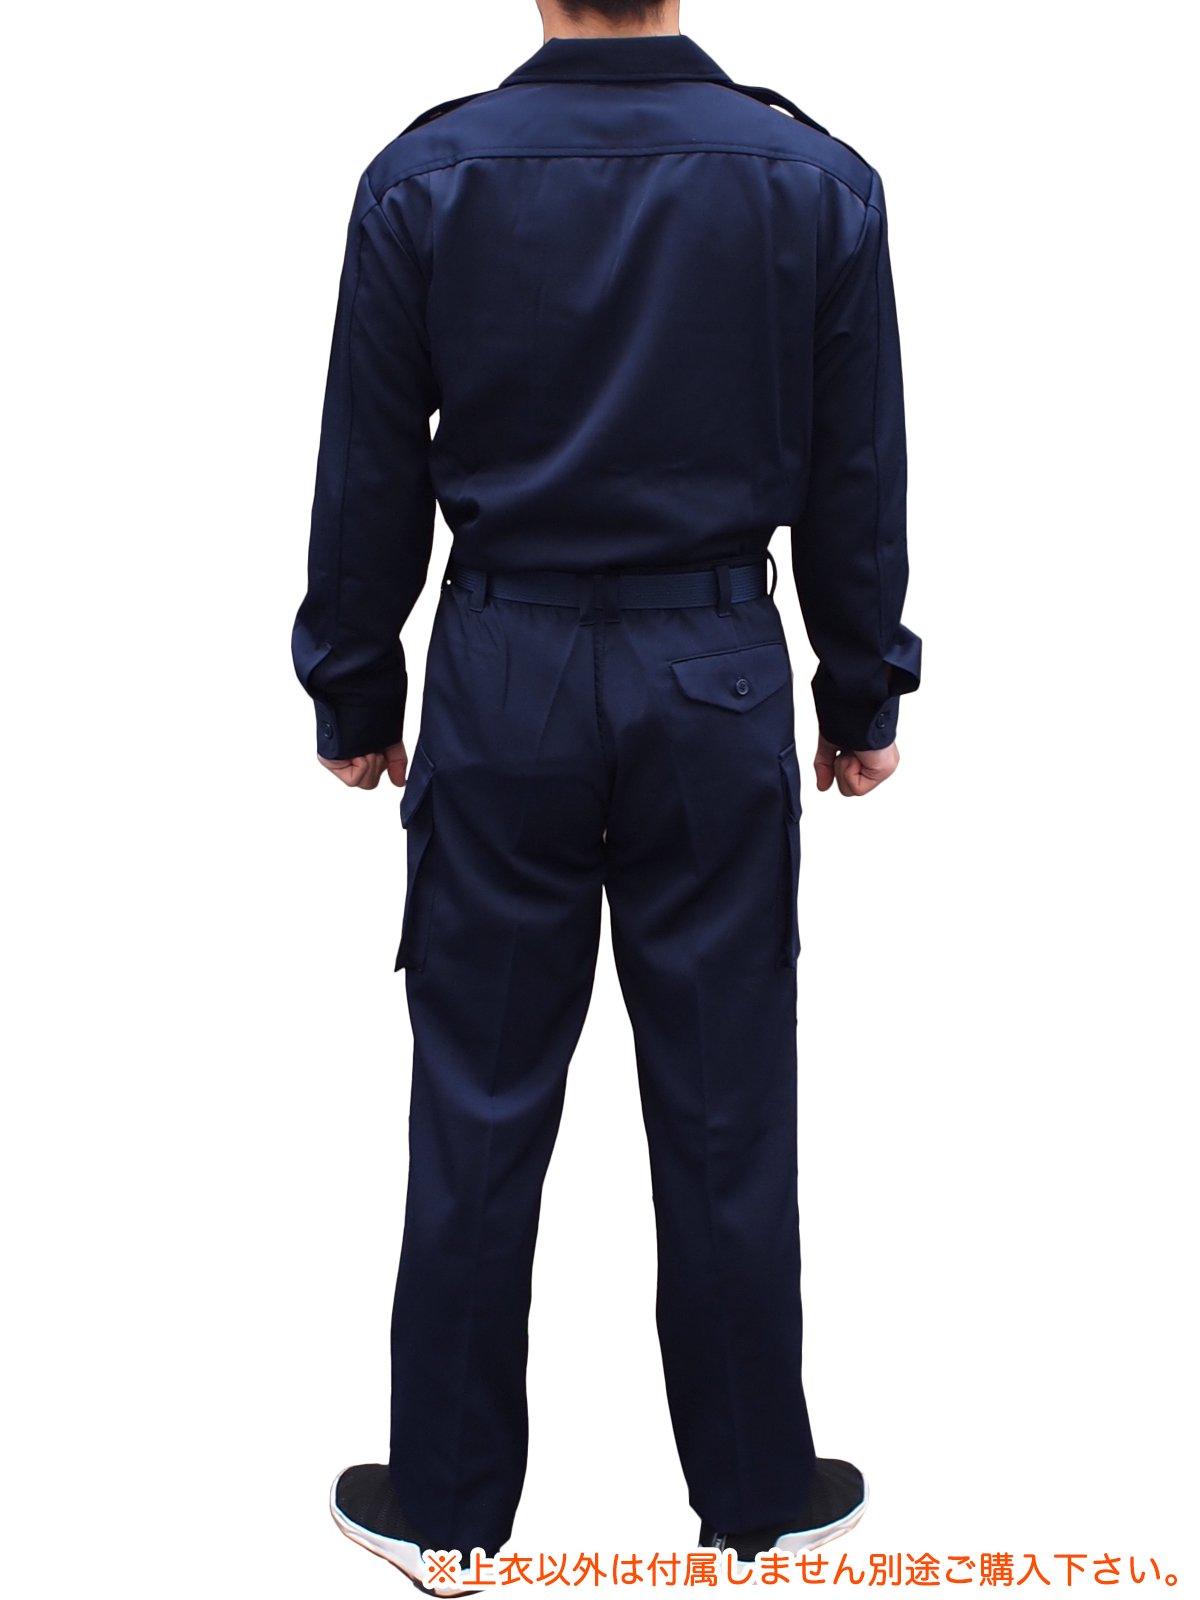 消防作業服開襟上衣【画像4】